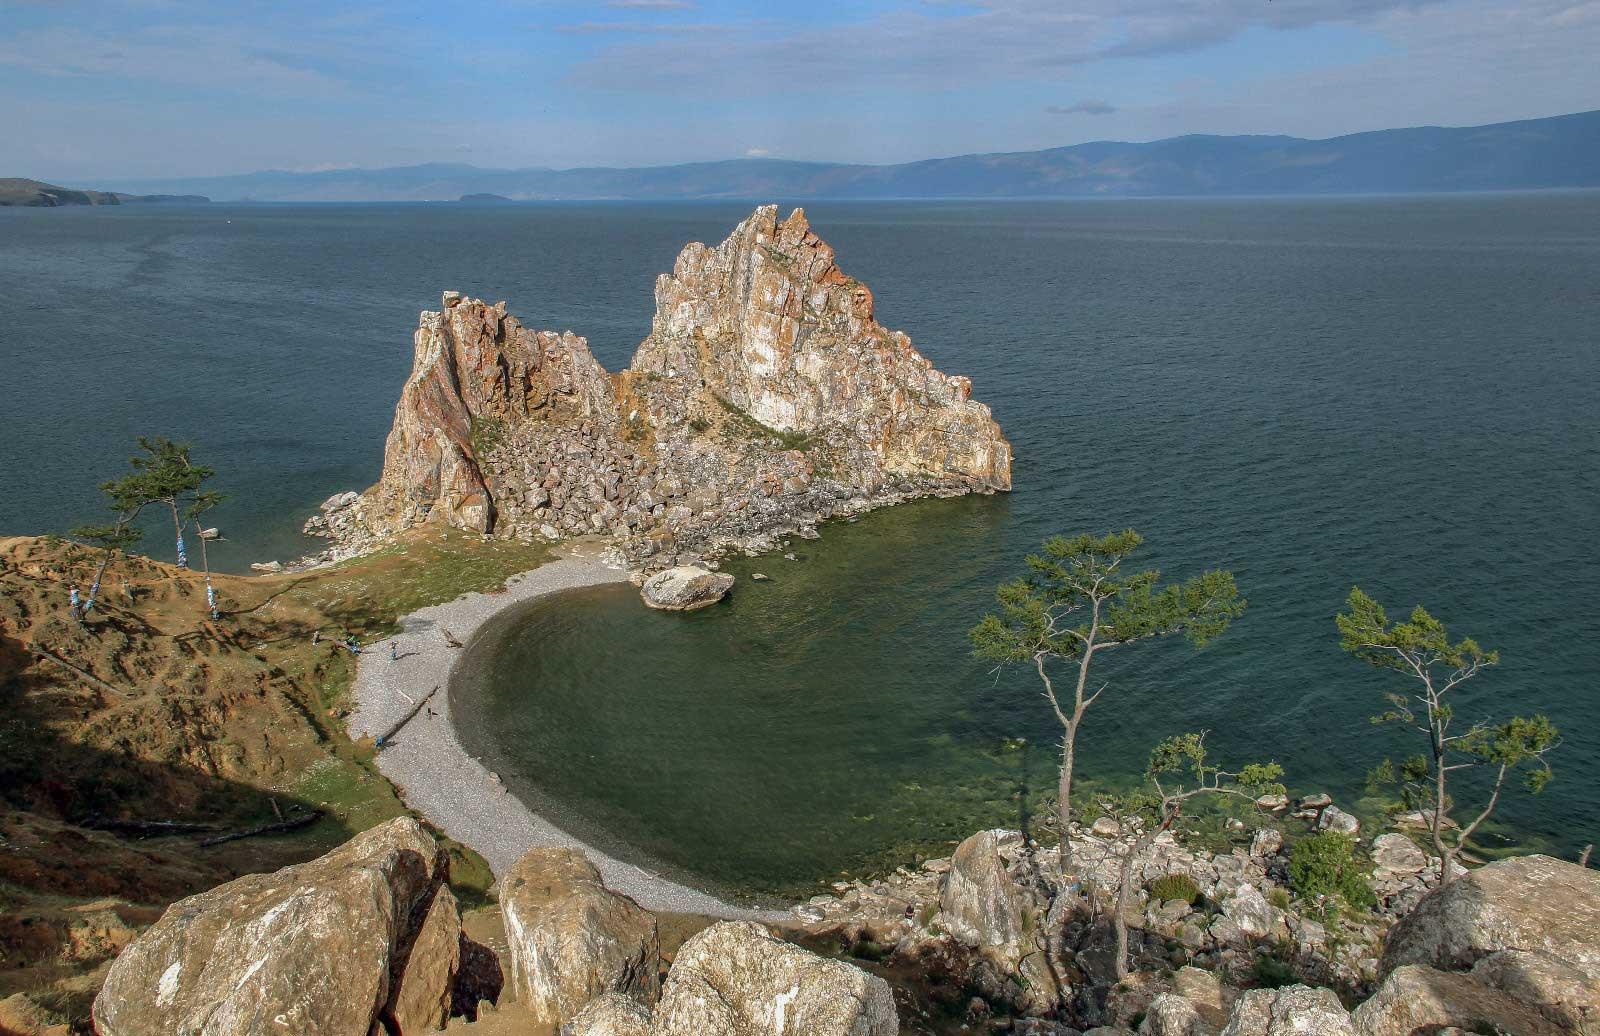 Скала Шаманка, остров Ольхон. Прибайкальский национальный парк, Россия. Фотография Е. Чумак.